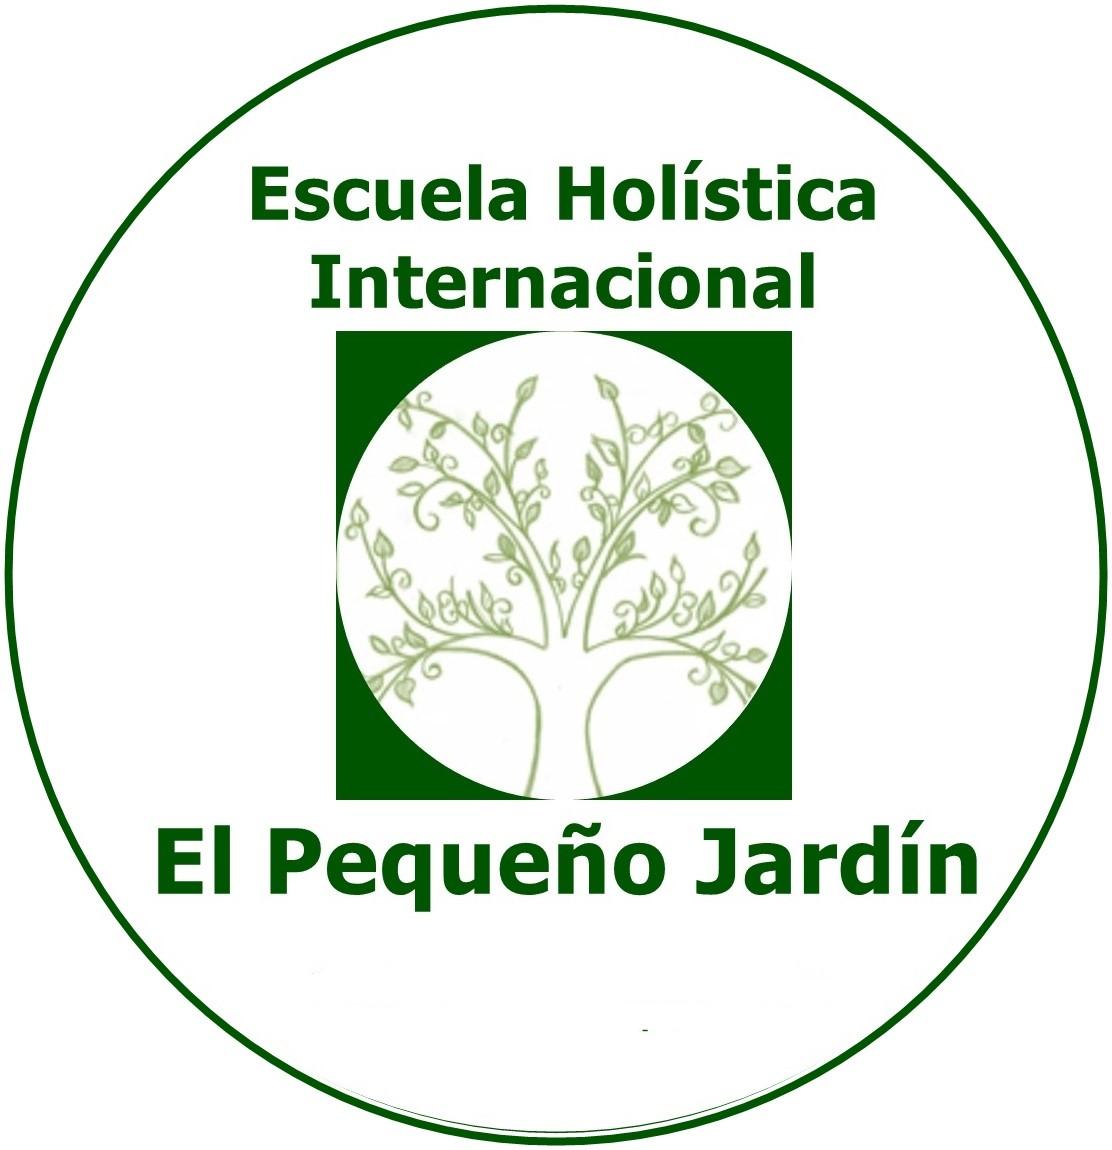 Escuela Holística Internacional. El Pequeño Jardín